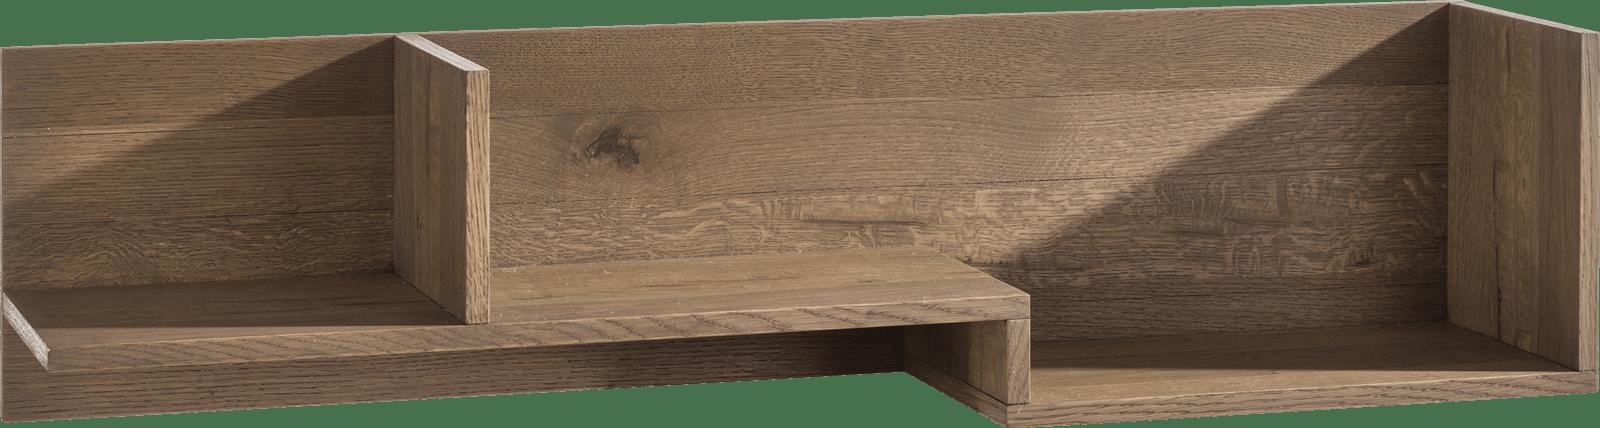 Henders and Hazel - Santorini - Natuerlich - wandregal 120 cm